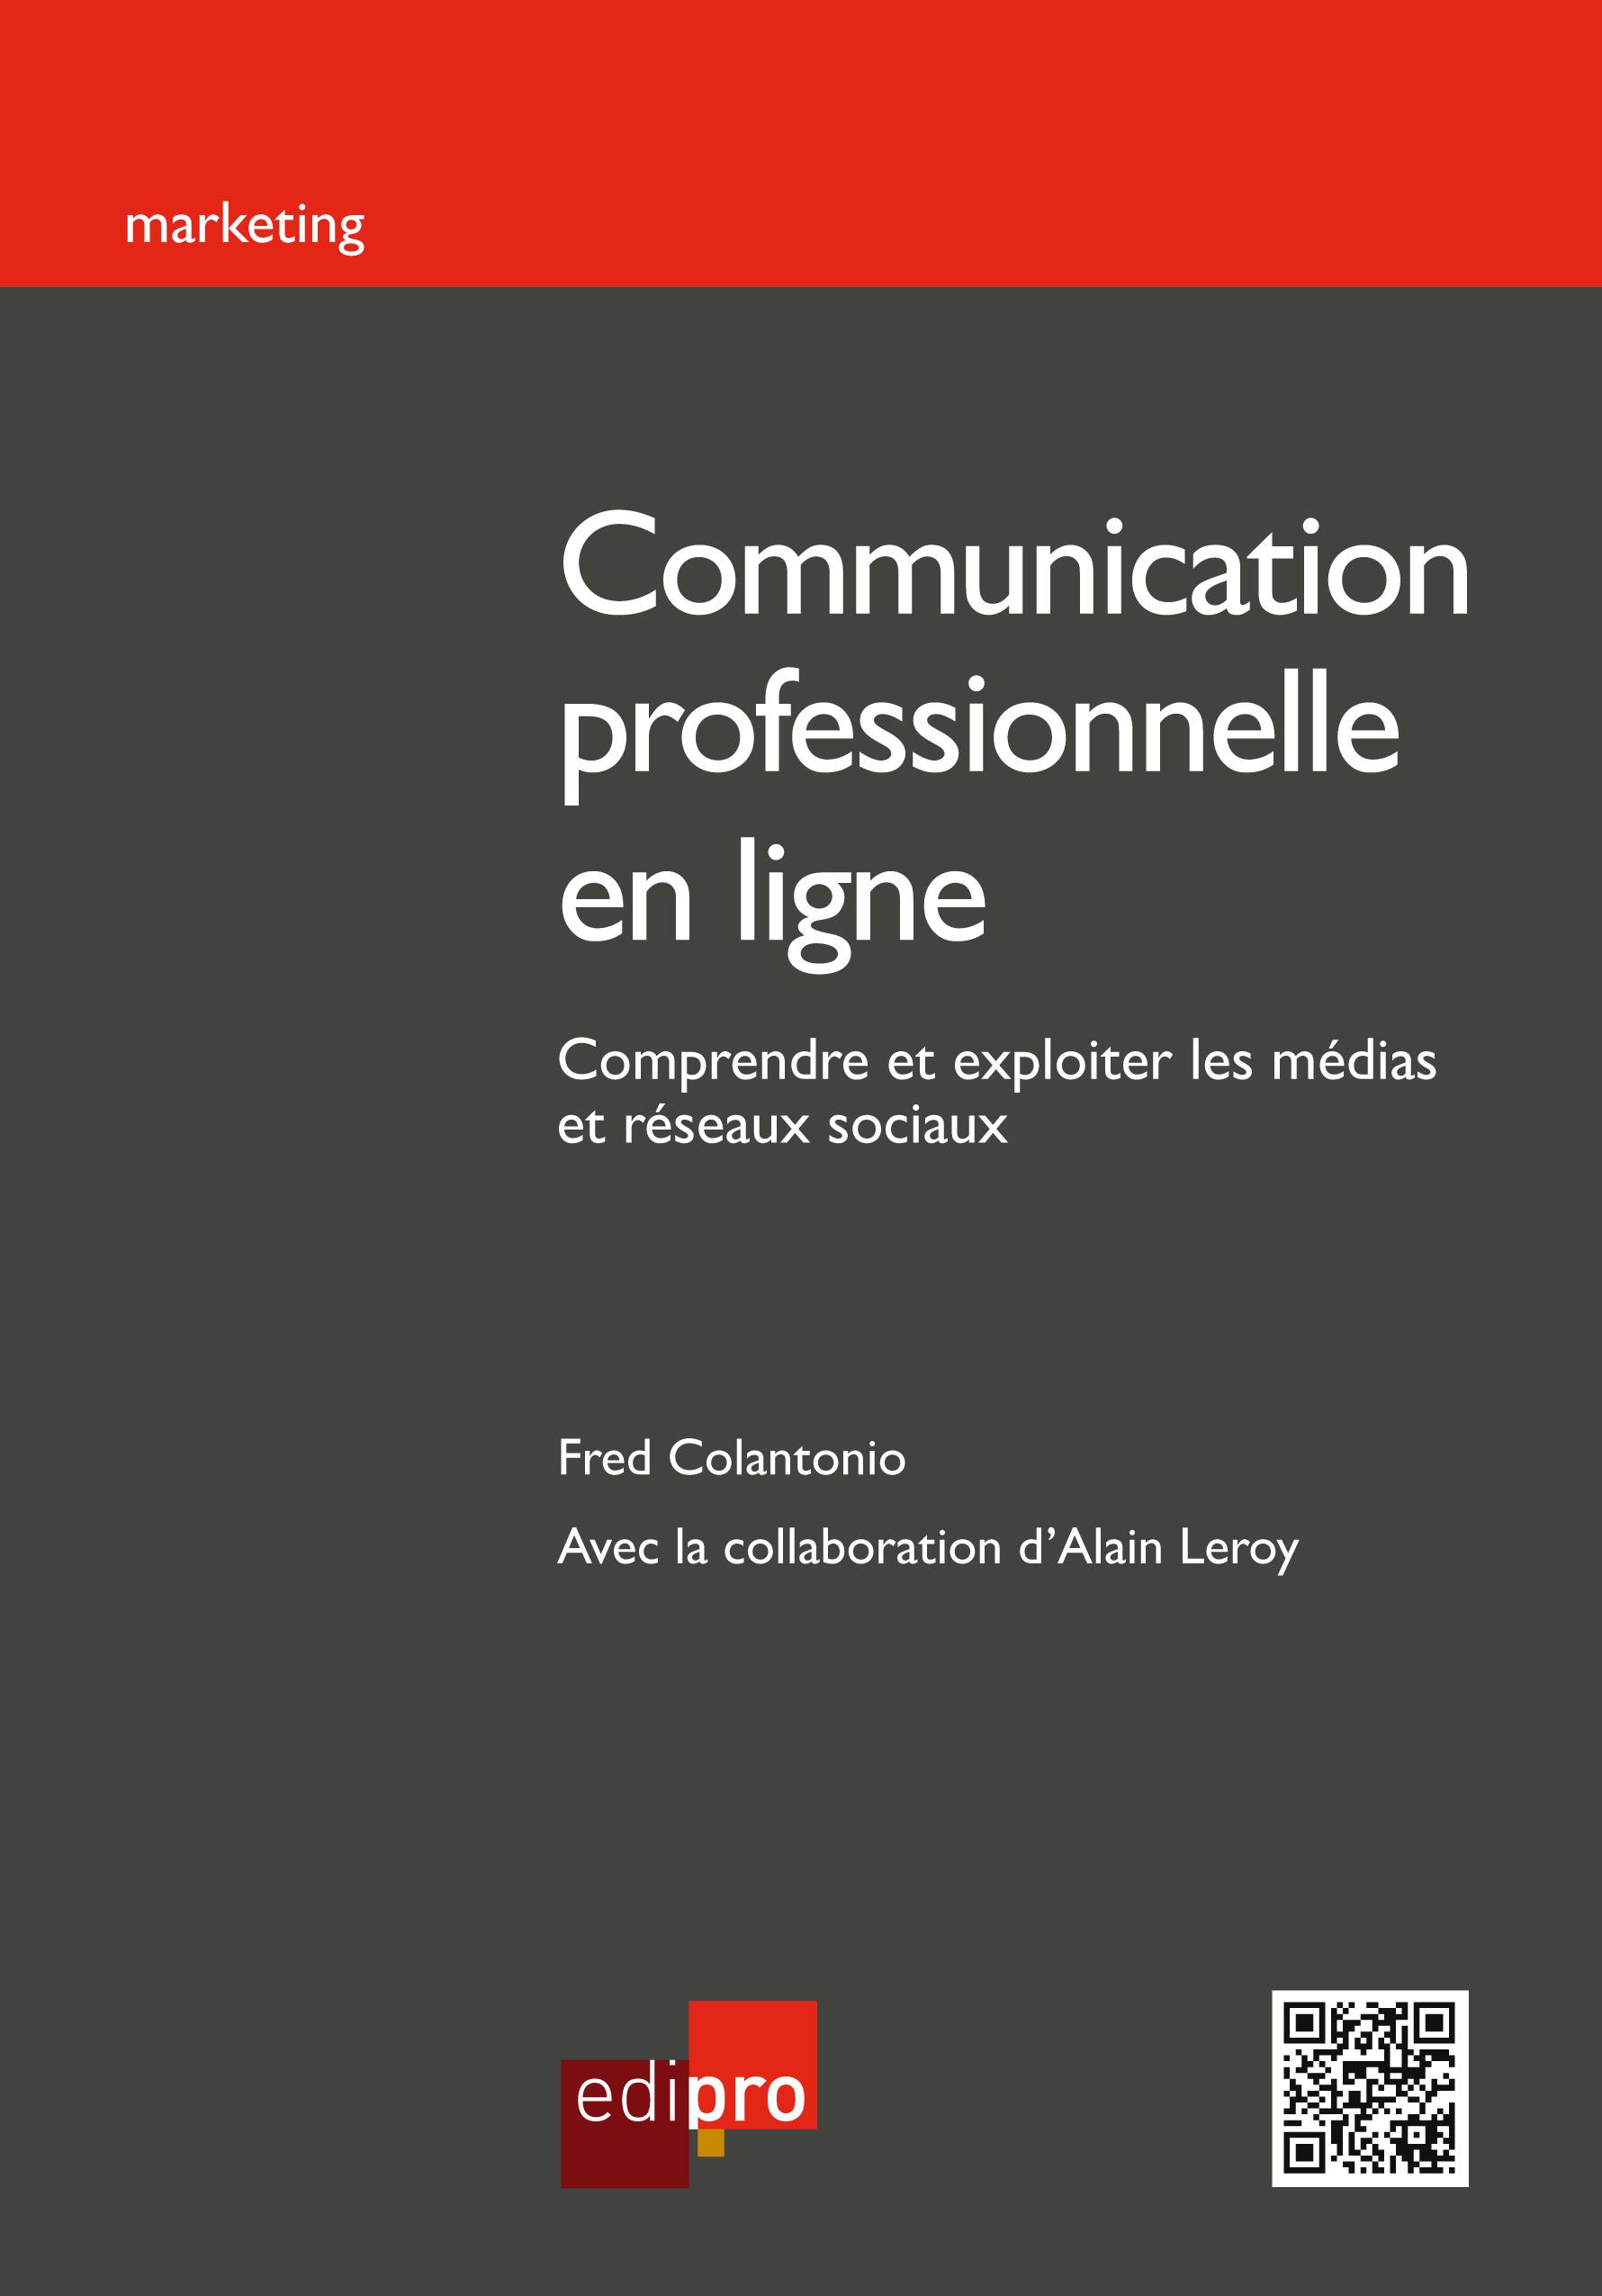 Le Titre Du Nouveau Livre De Fred Colantonio Et Alain Leroy